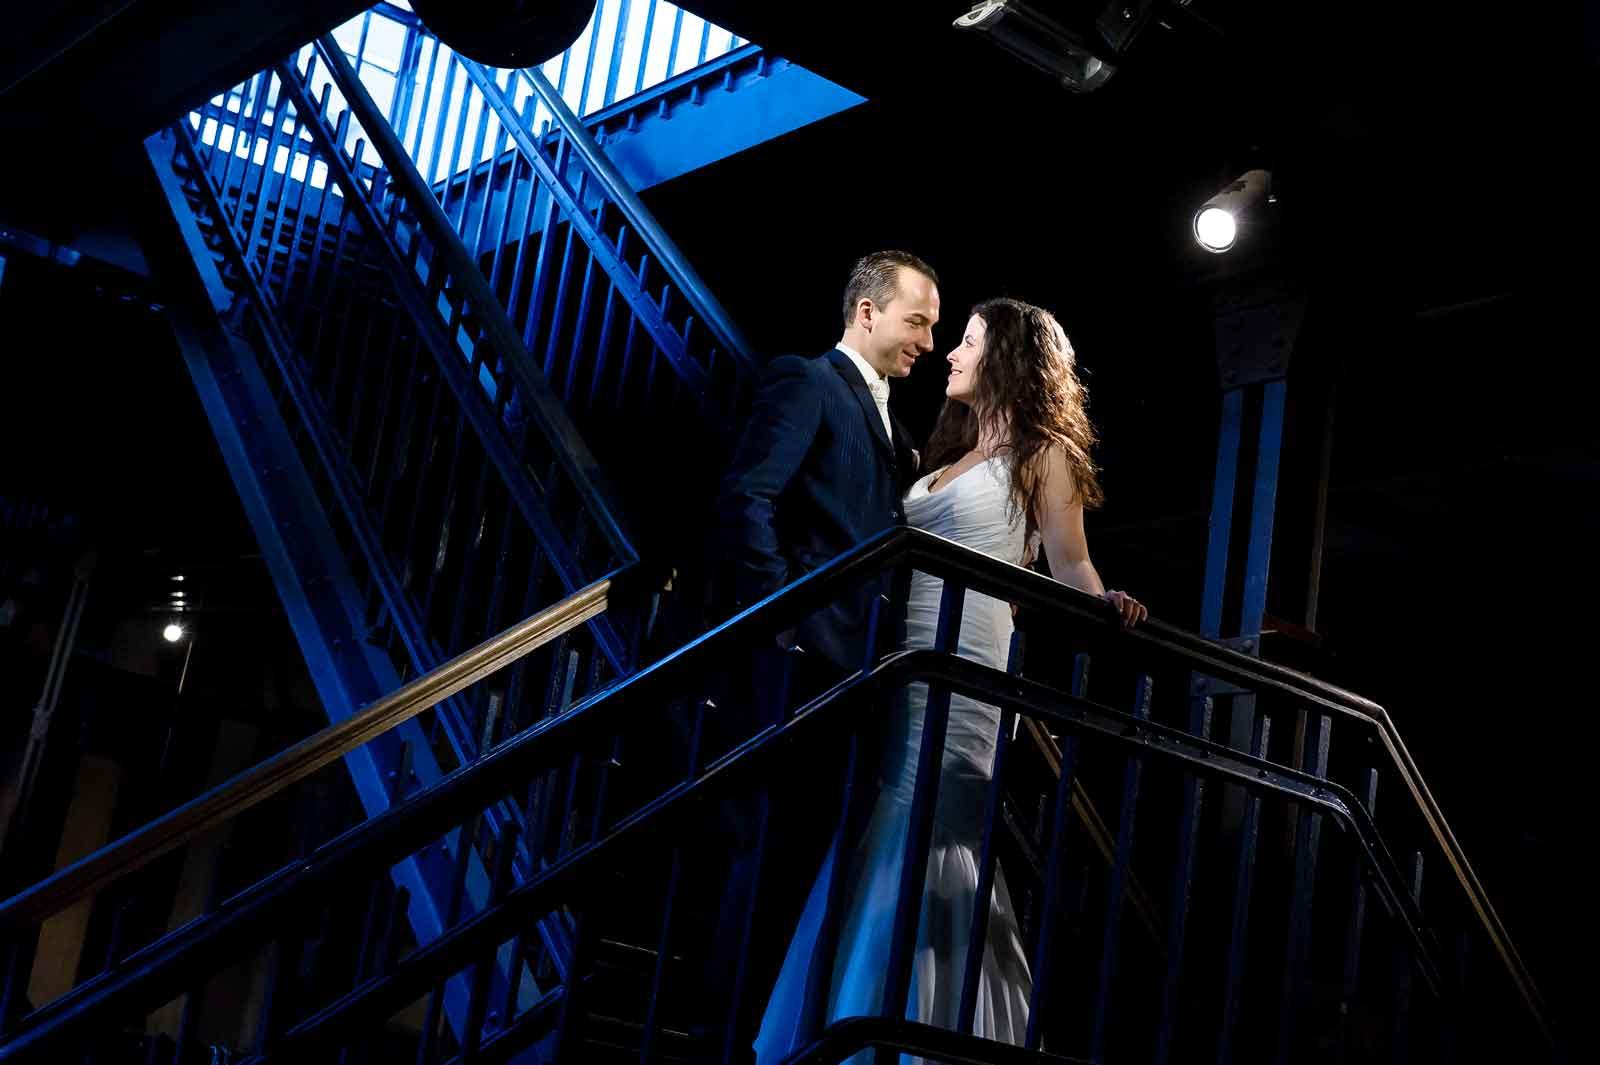 Huwelijk C-mine Belgie bruidspaar op de trap met mooi licht door lamp